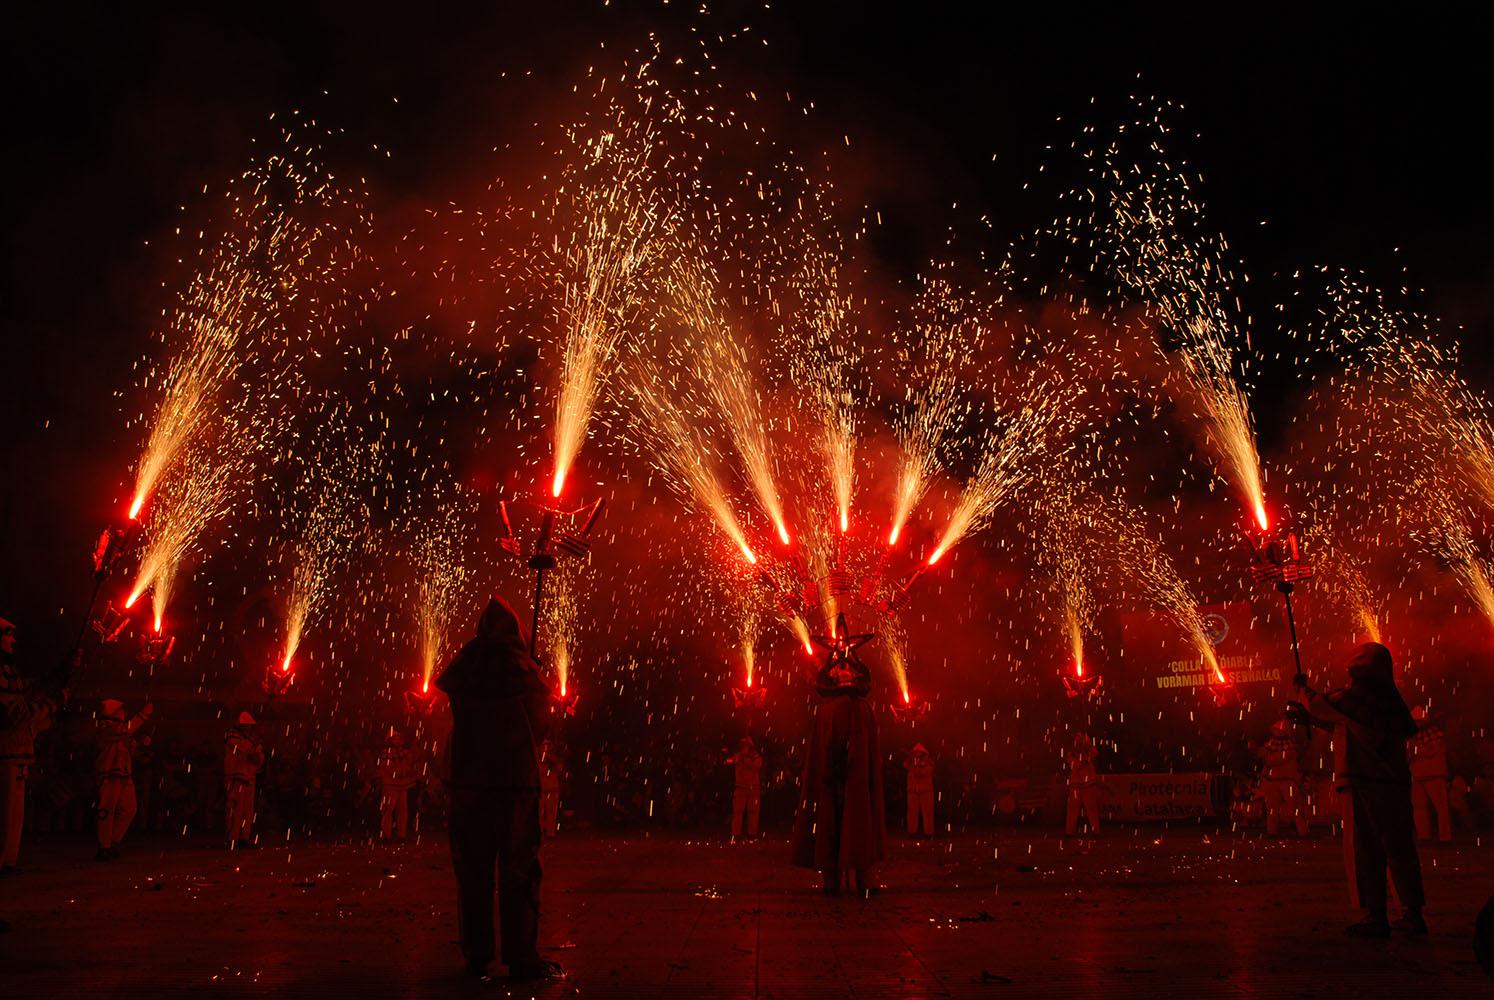 Sant Pere de Ribes acollirà el 3er Concurs Nacional d'Enceses el 9 de maig